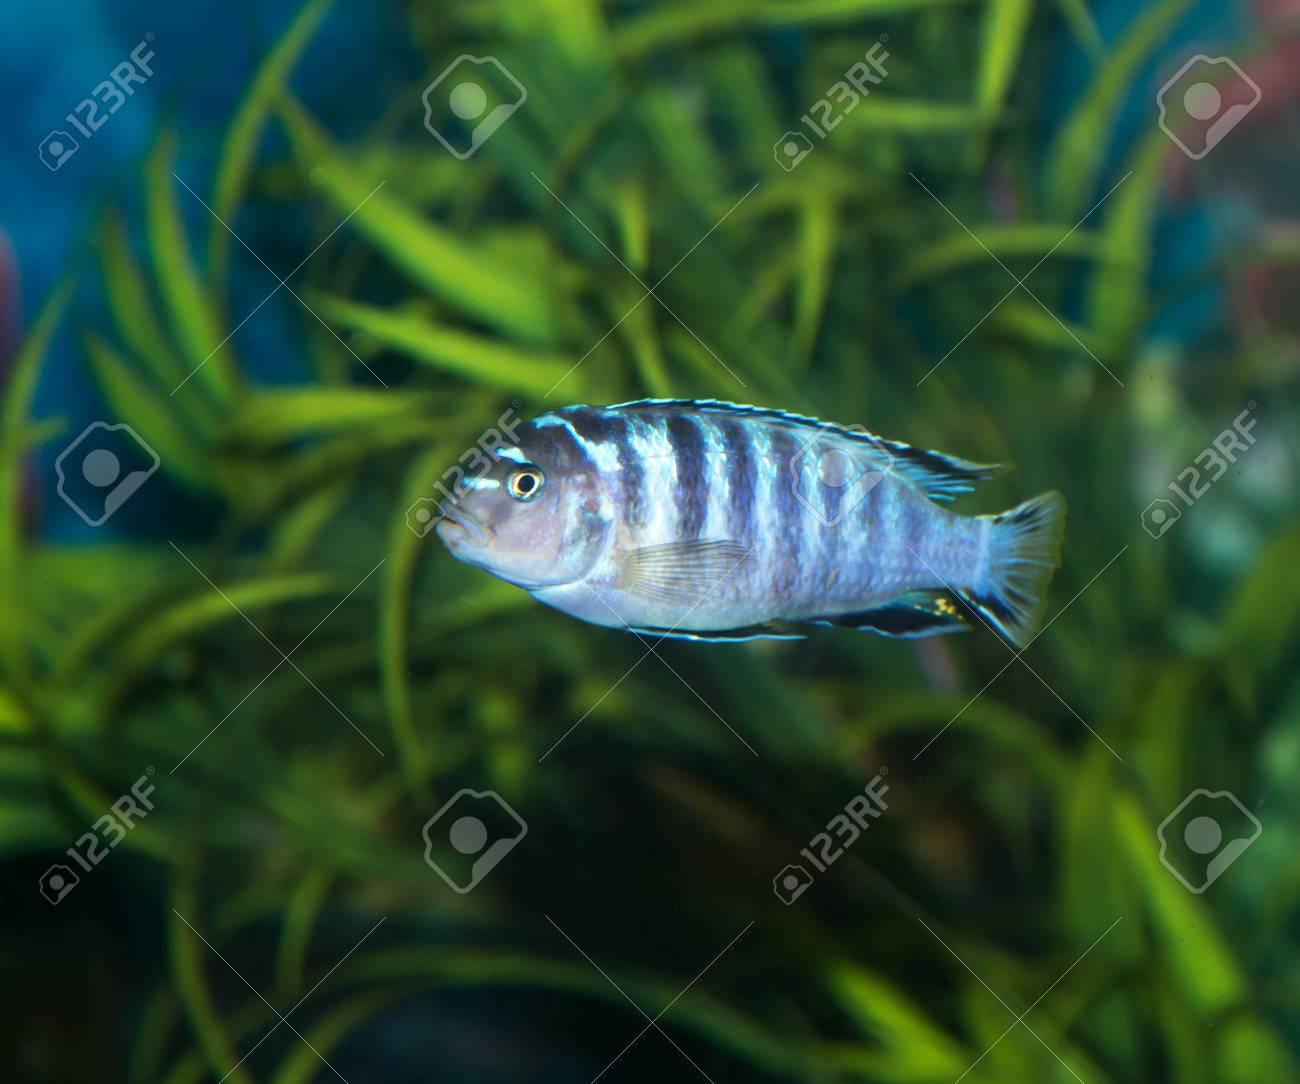 fish in the aquarium Stock Photo - 25229041